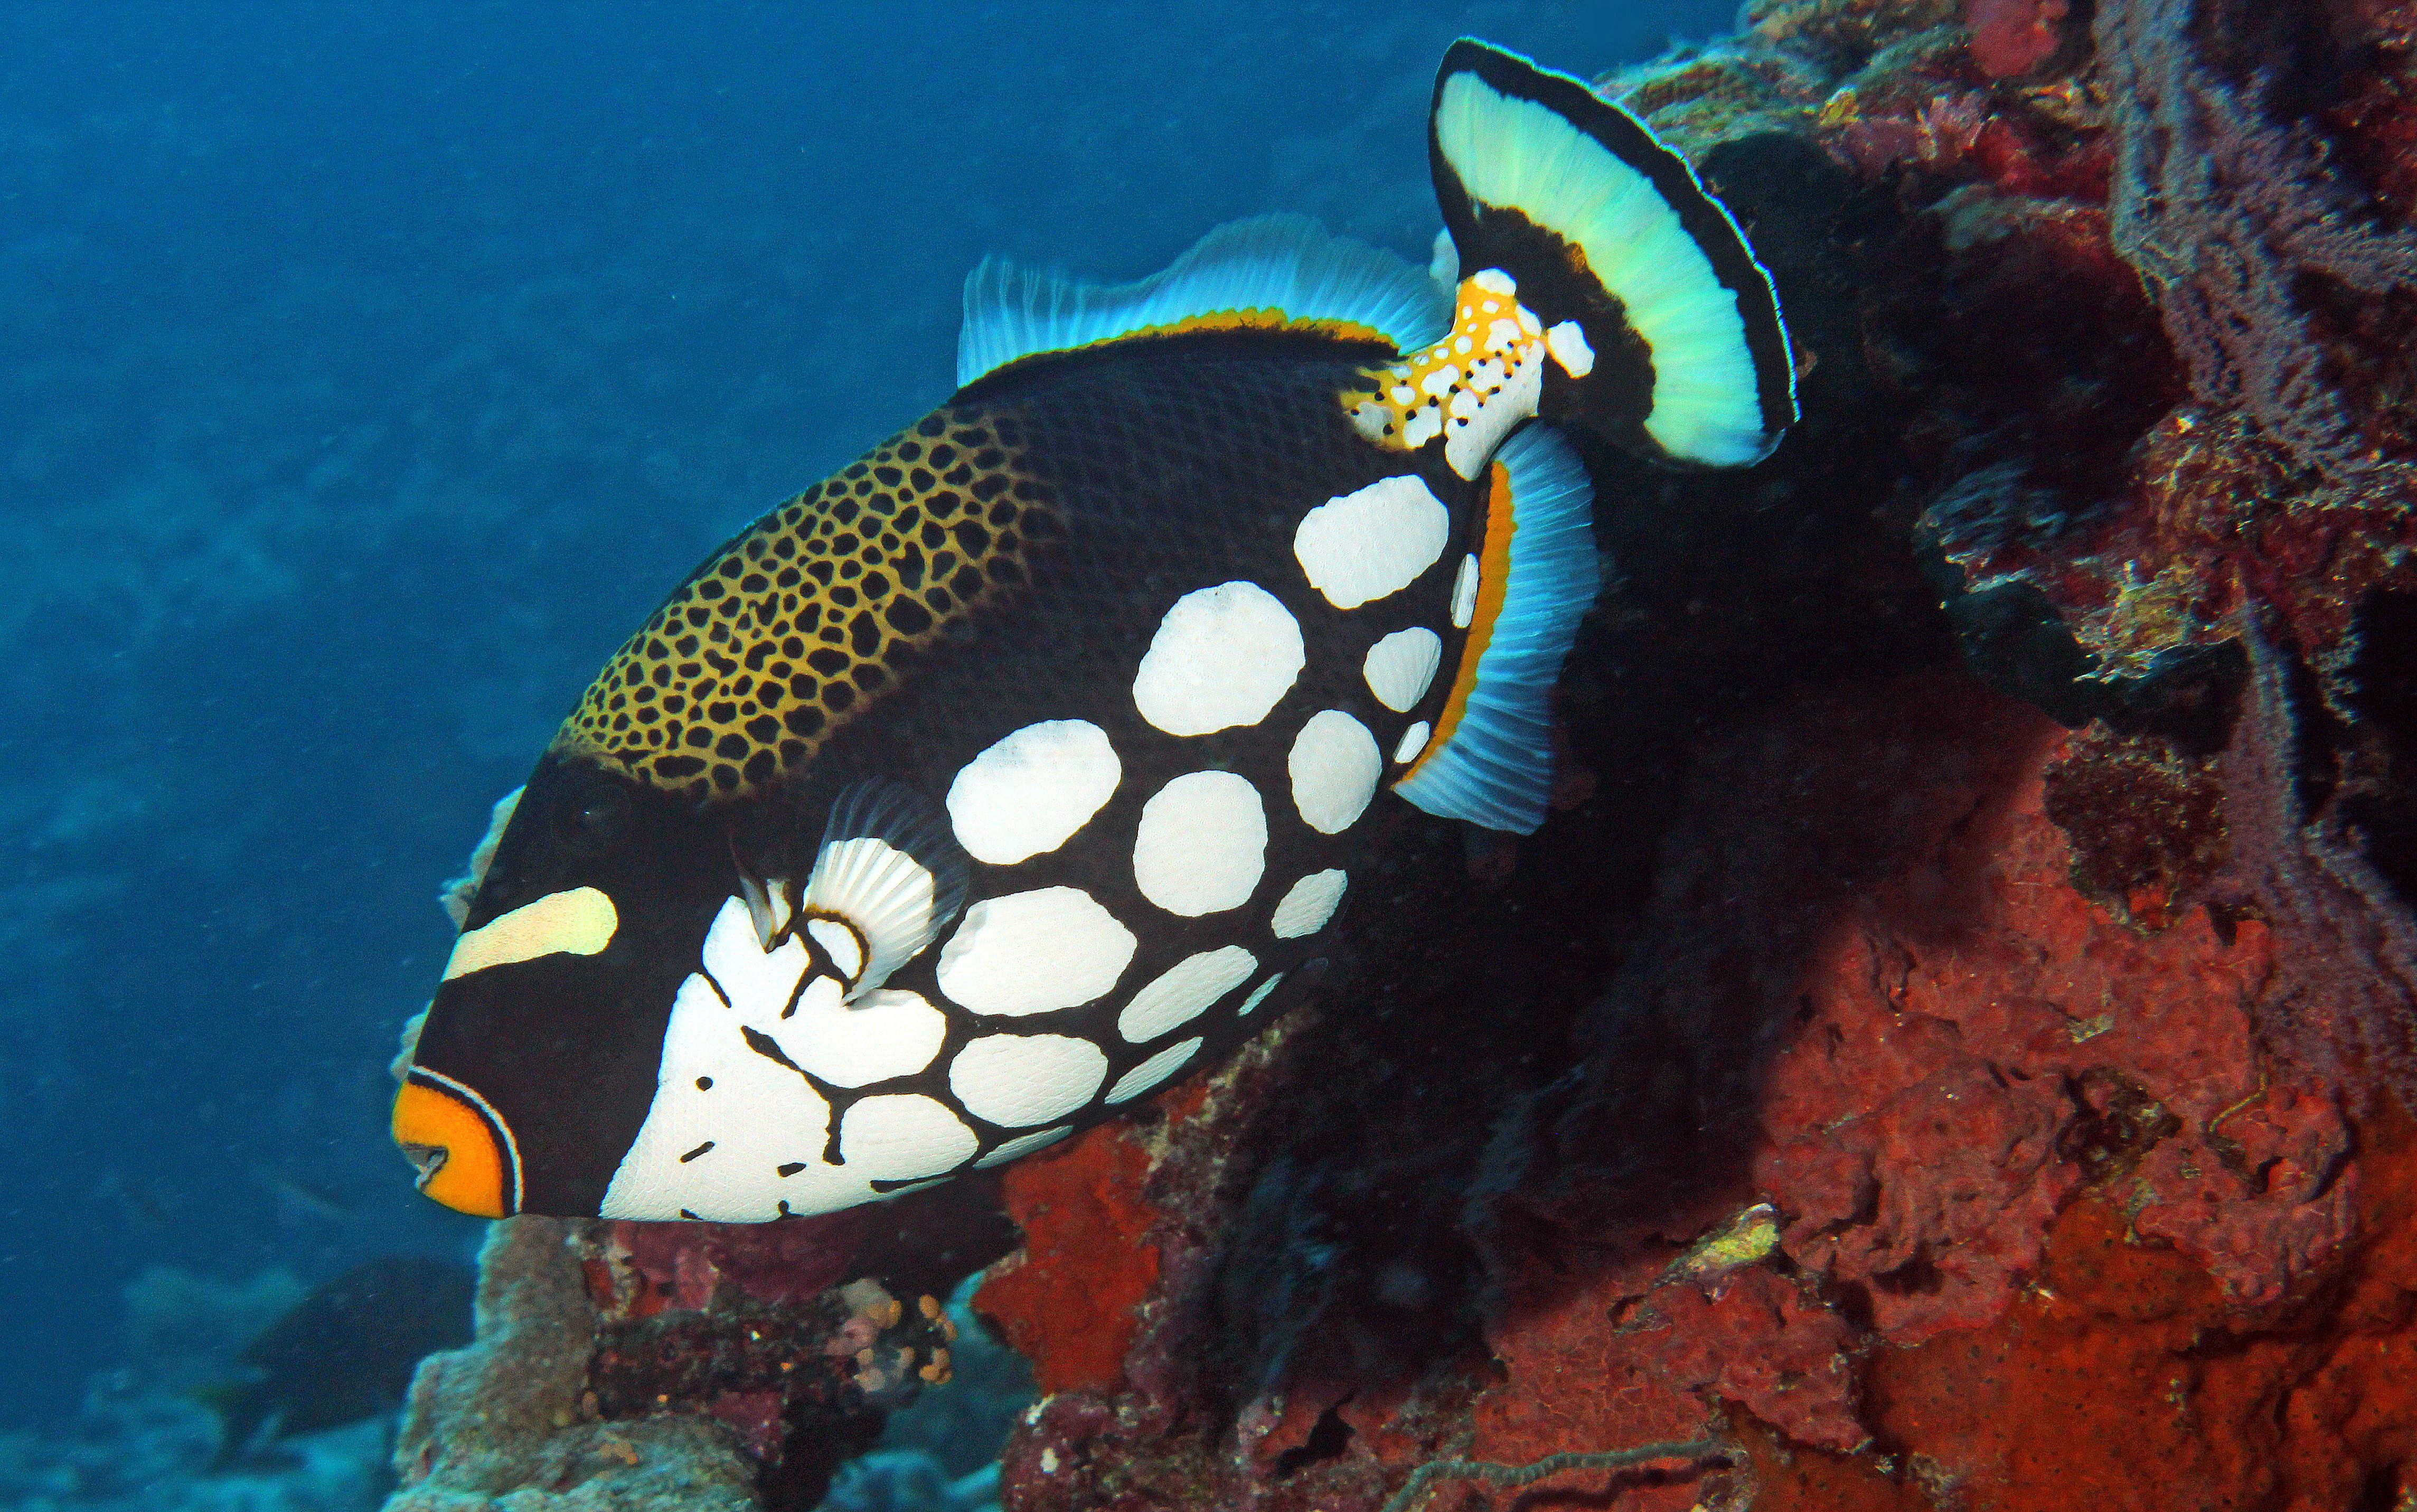 Leopardendrückerfisch